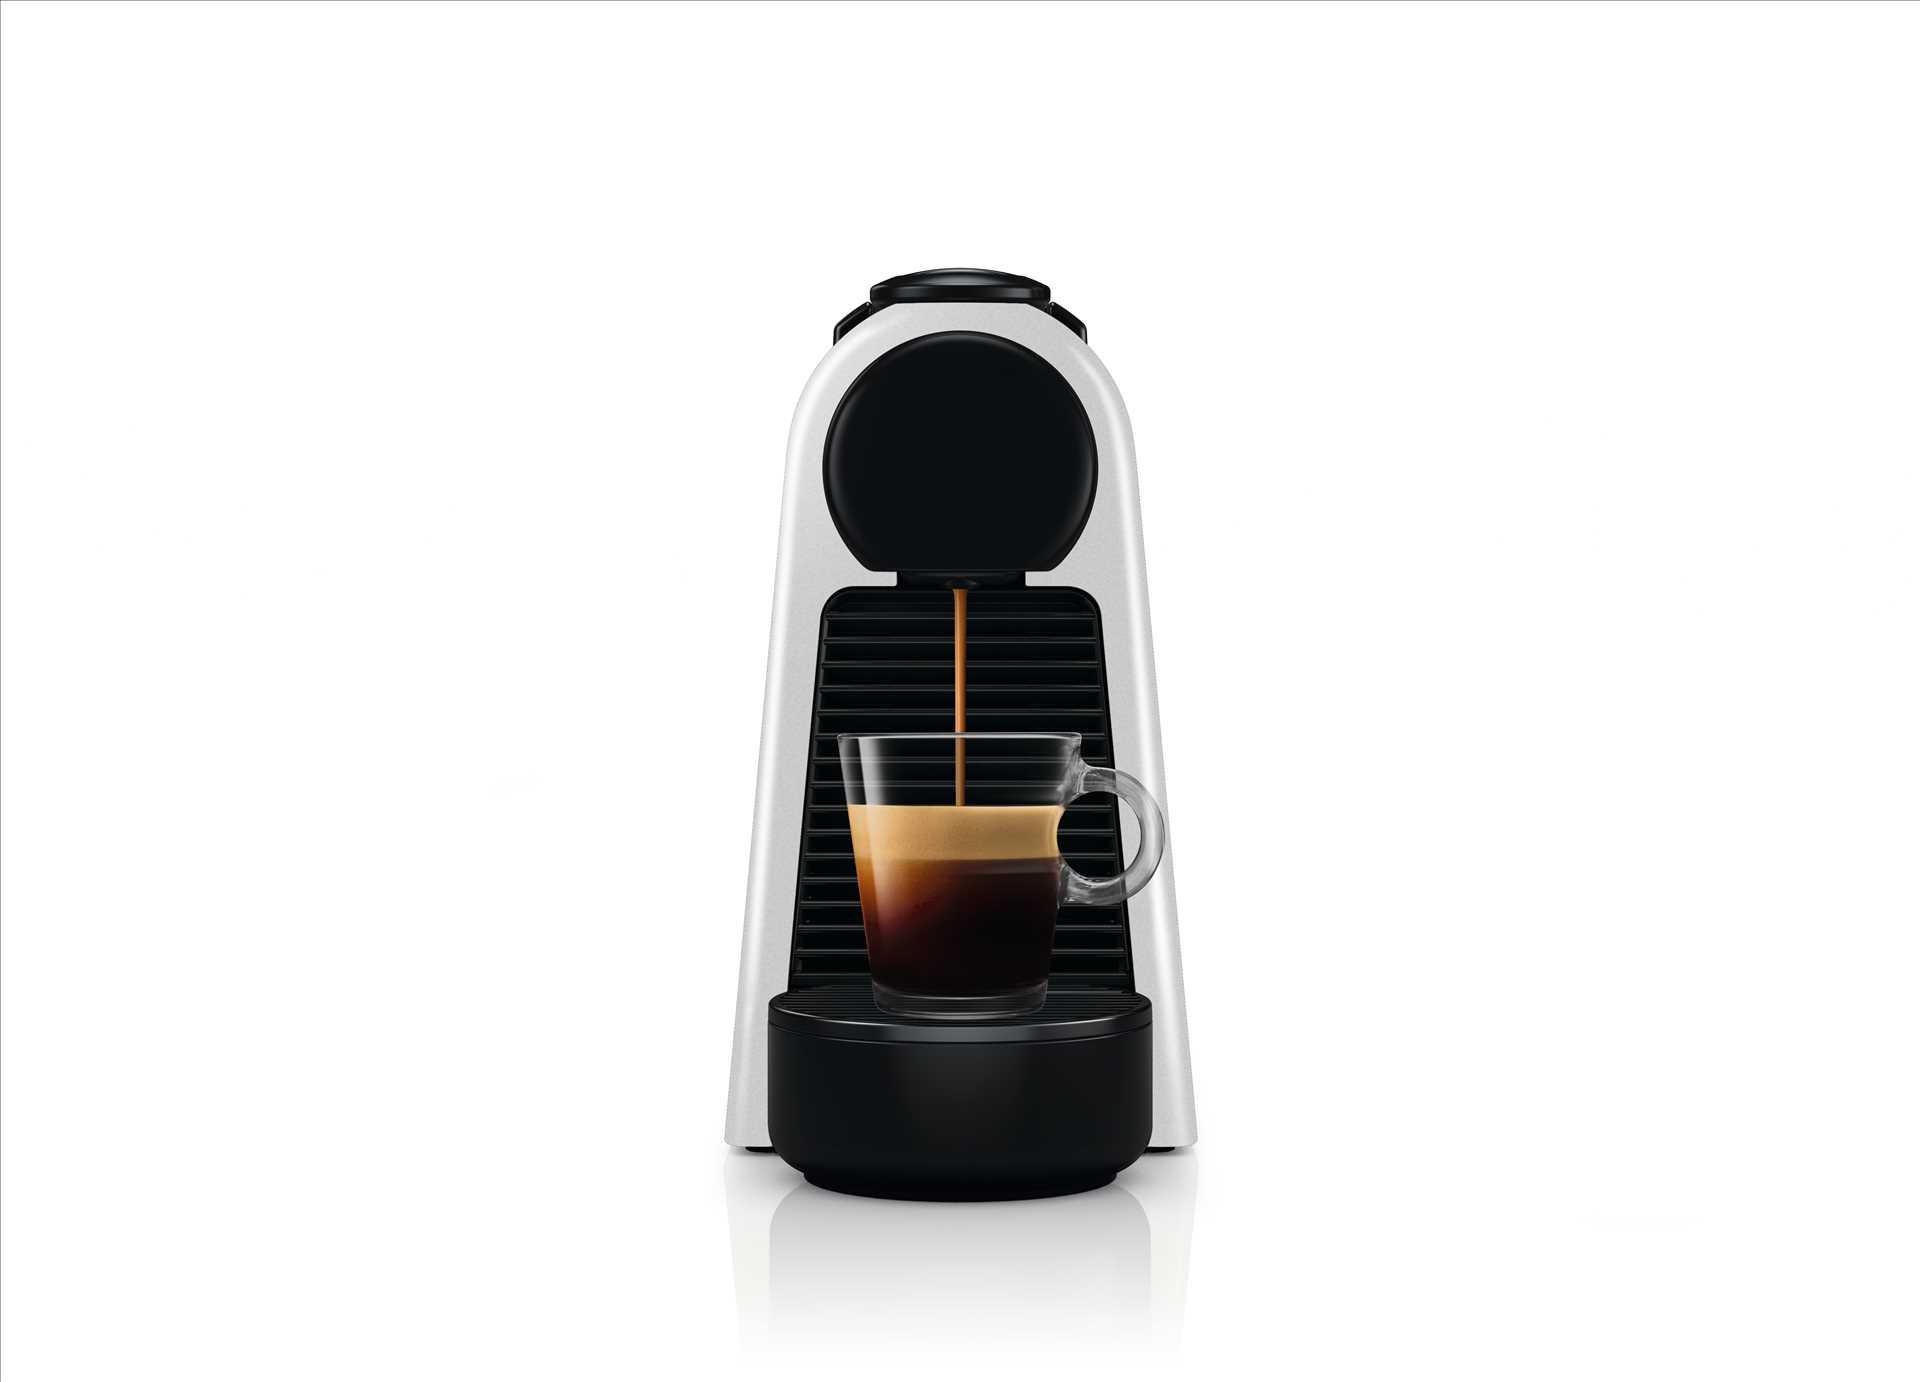 מכונת אספרסו Nespresso Essenza Mini D30 נספרסו בגוון כסוף מט (מהדורה מוגבלת) - תמונה 3